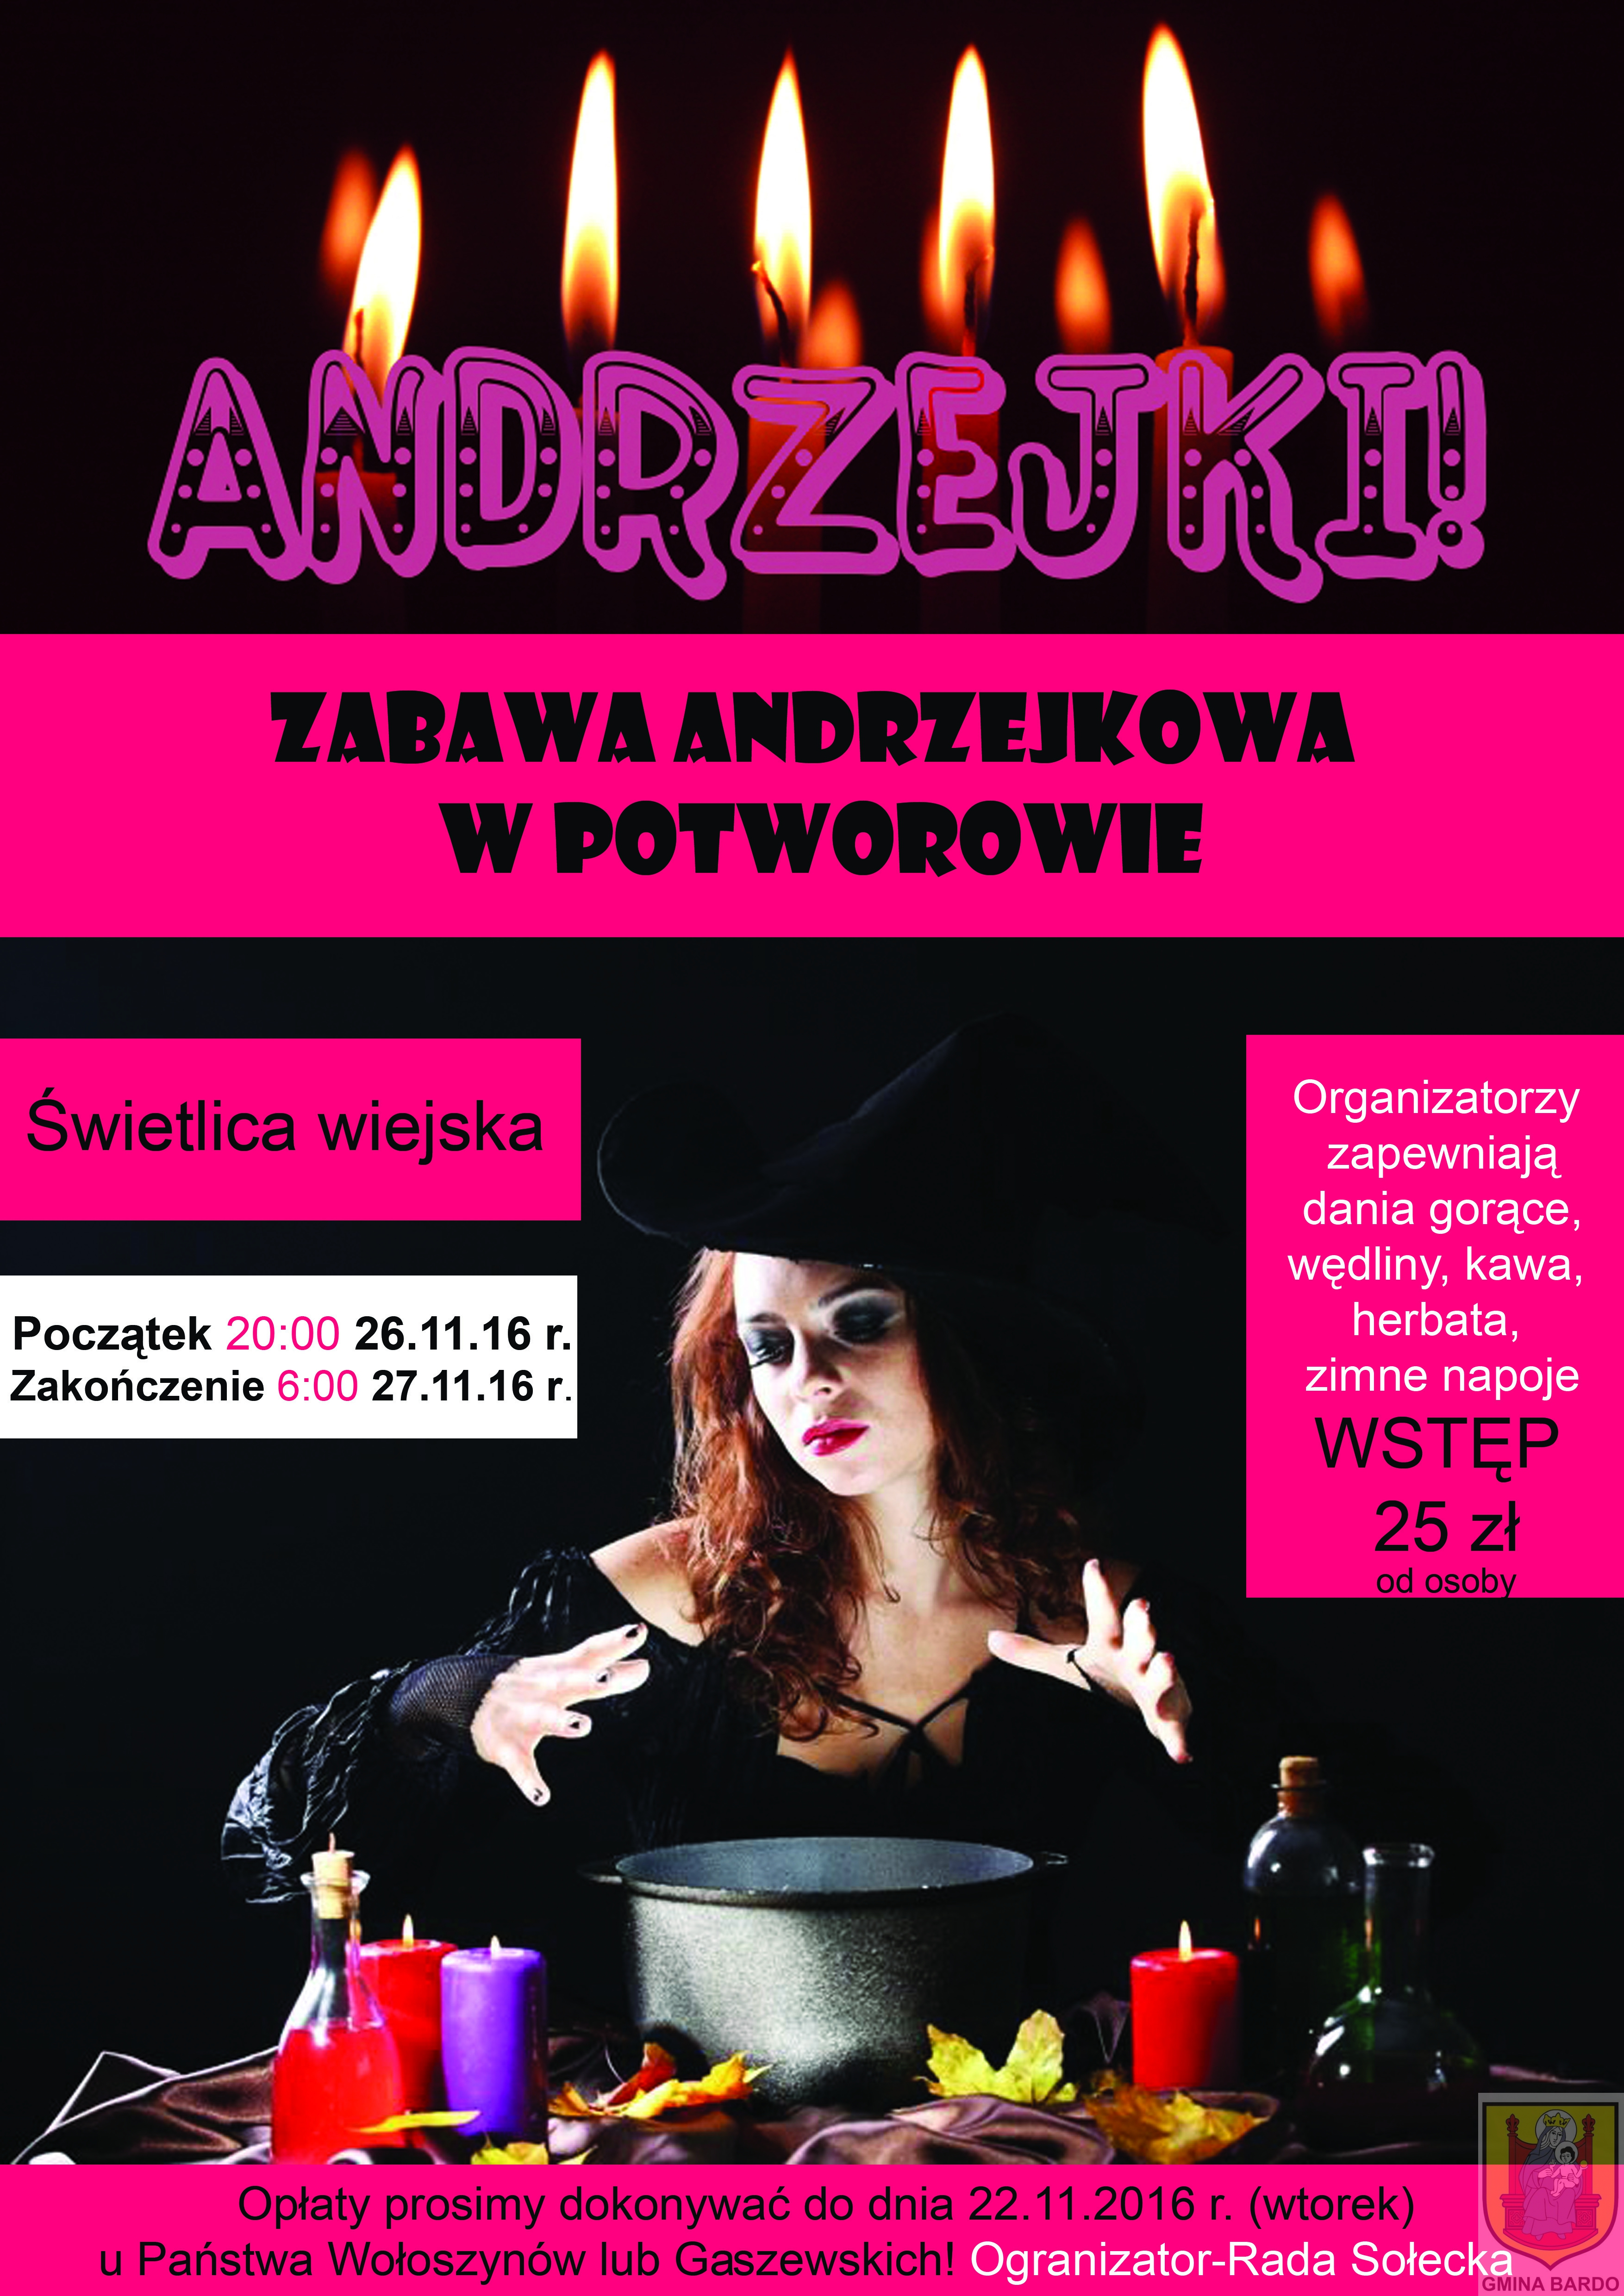 Andrzejki w Potworowie